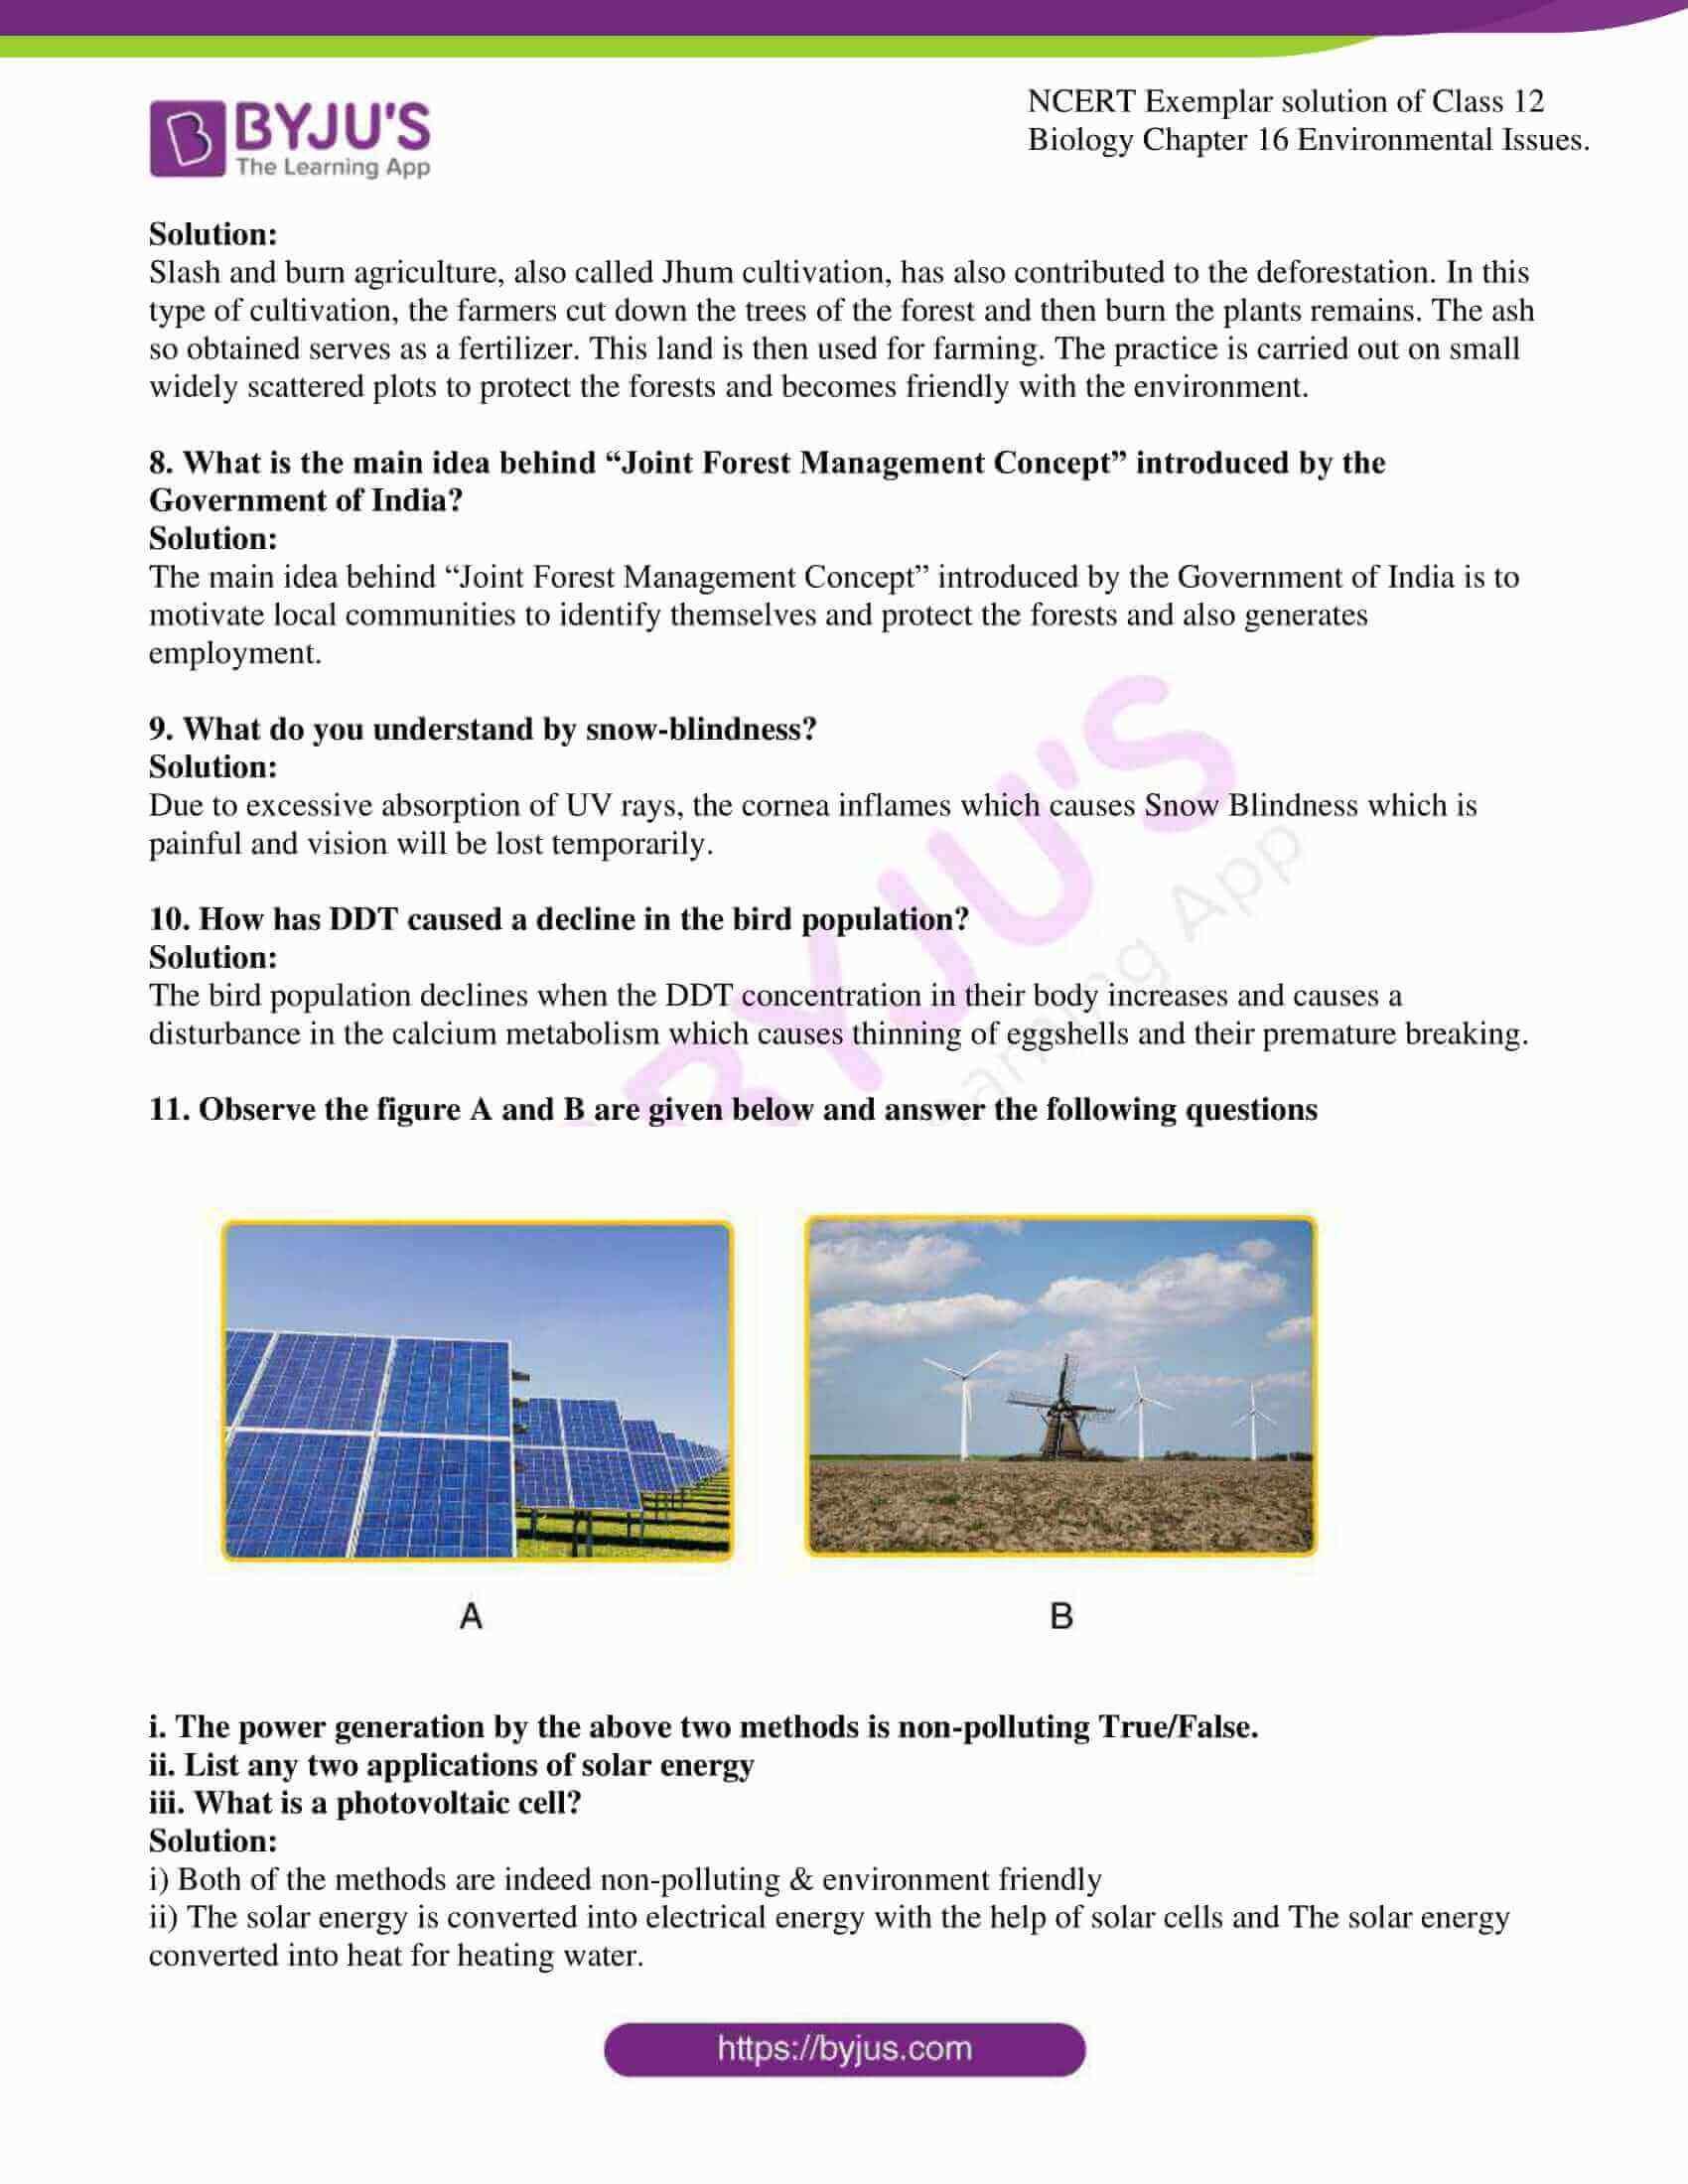 ncert exemplar solution of class 12 biology chapter 16 08